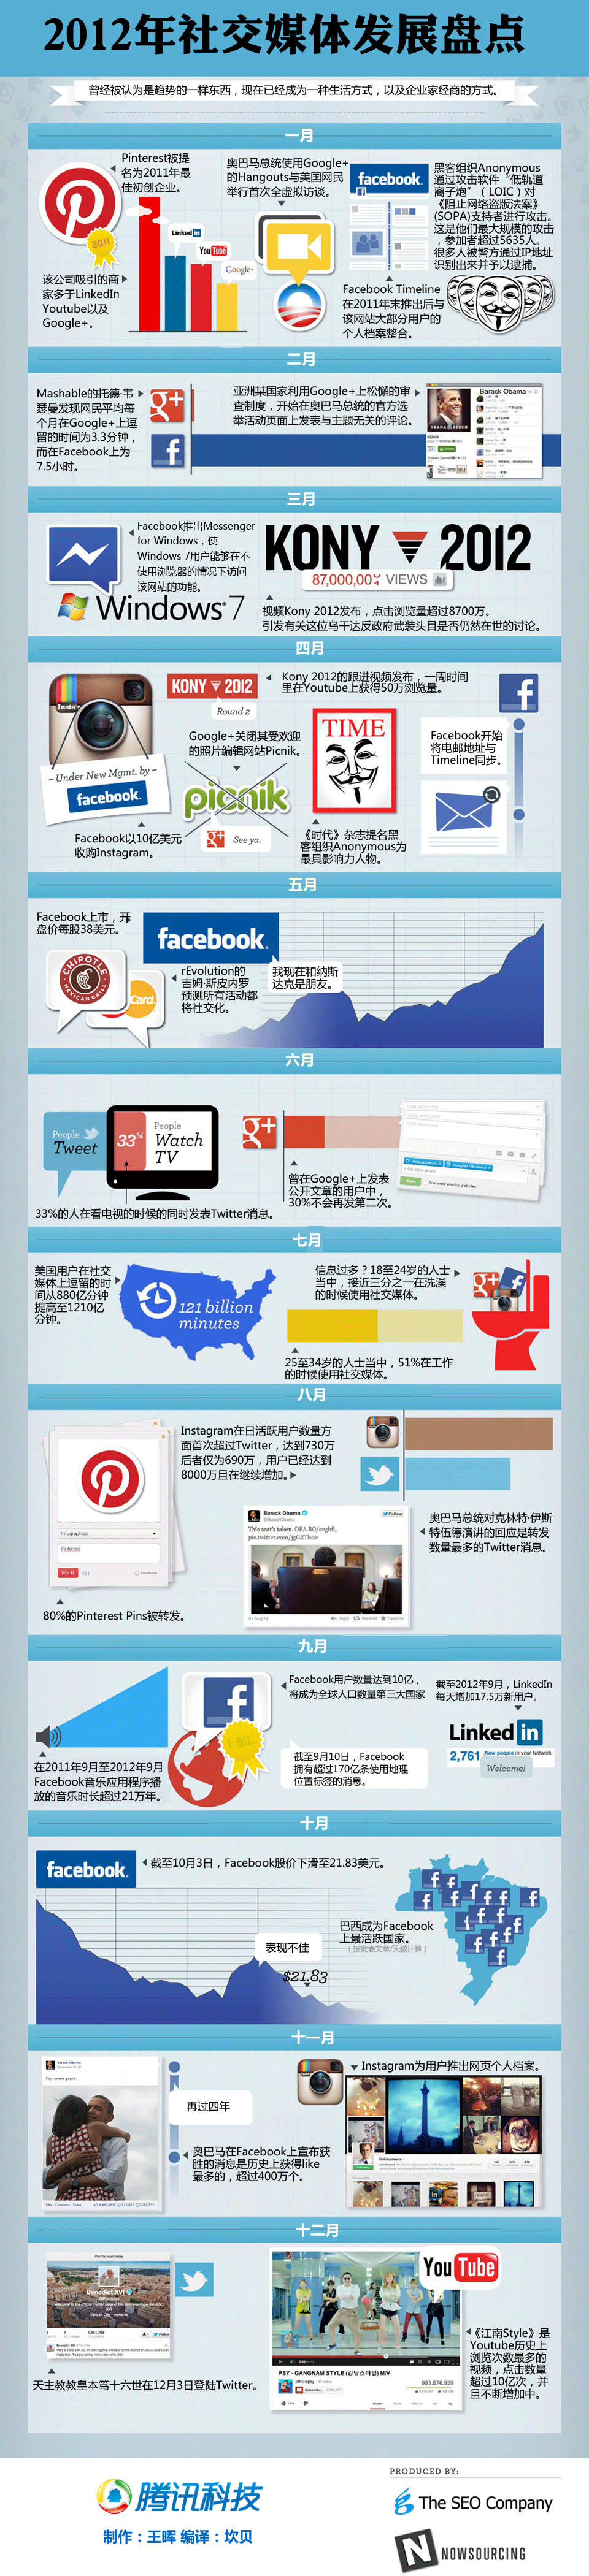 2012年社交媒体发展盘点